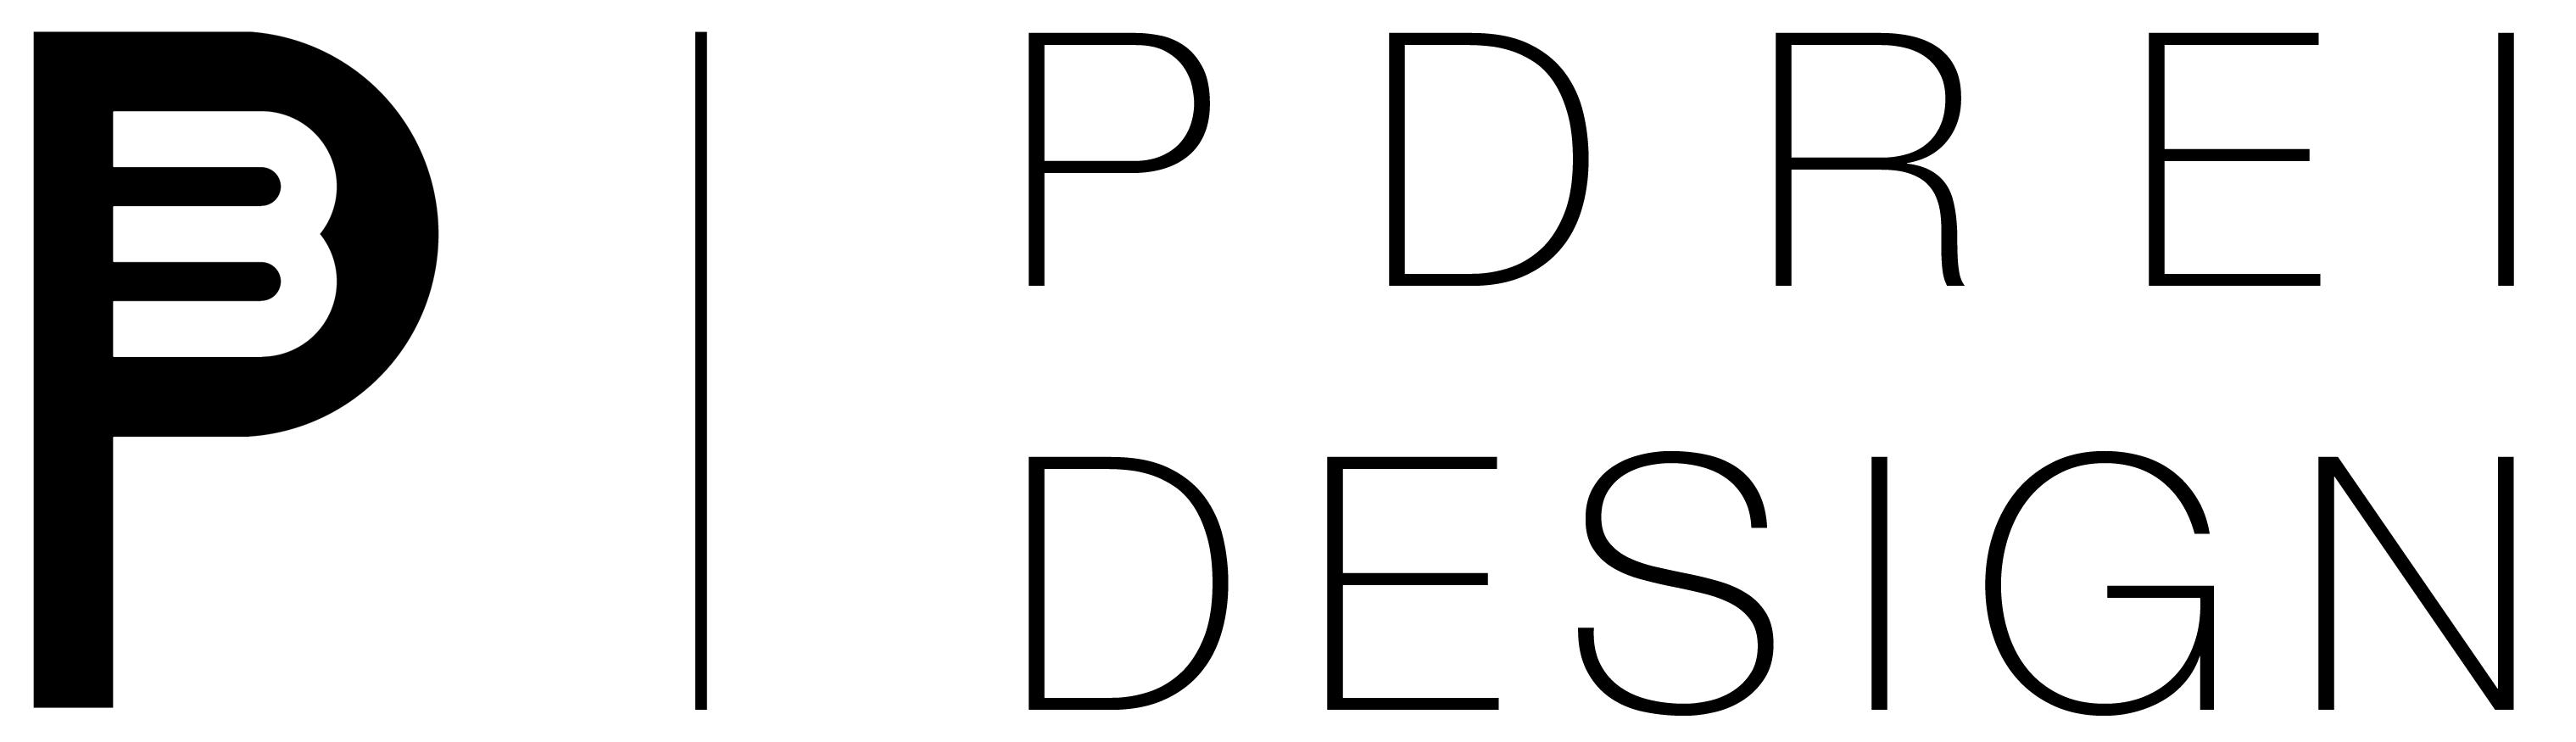 PDREI DESIGN